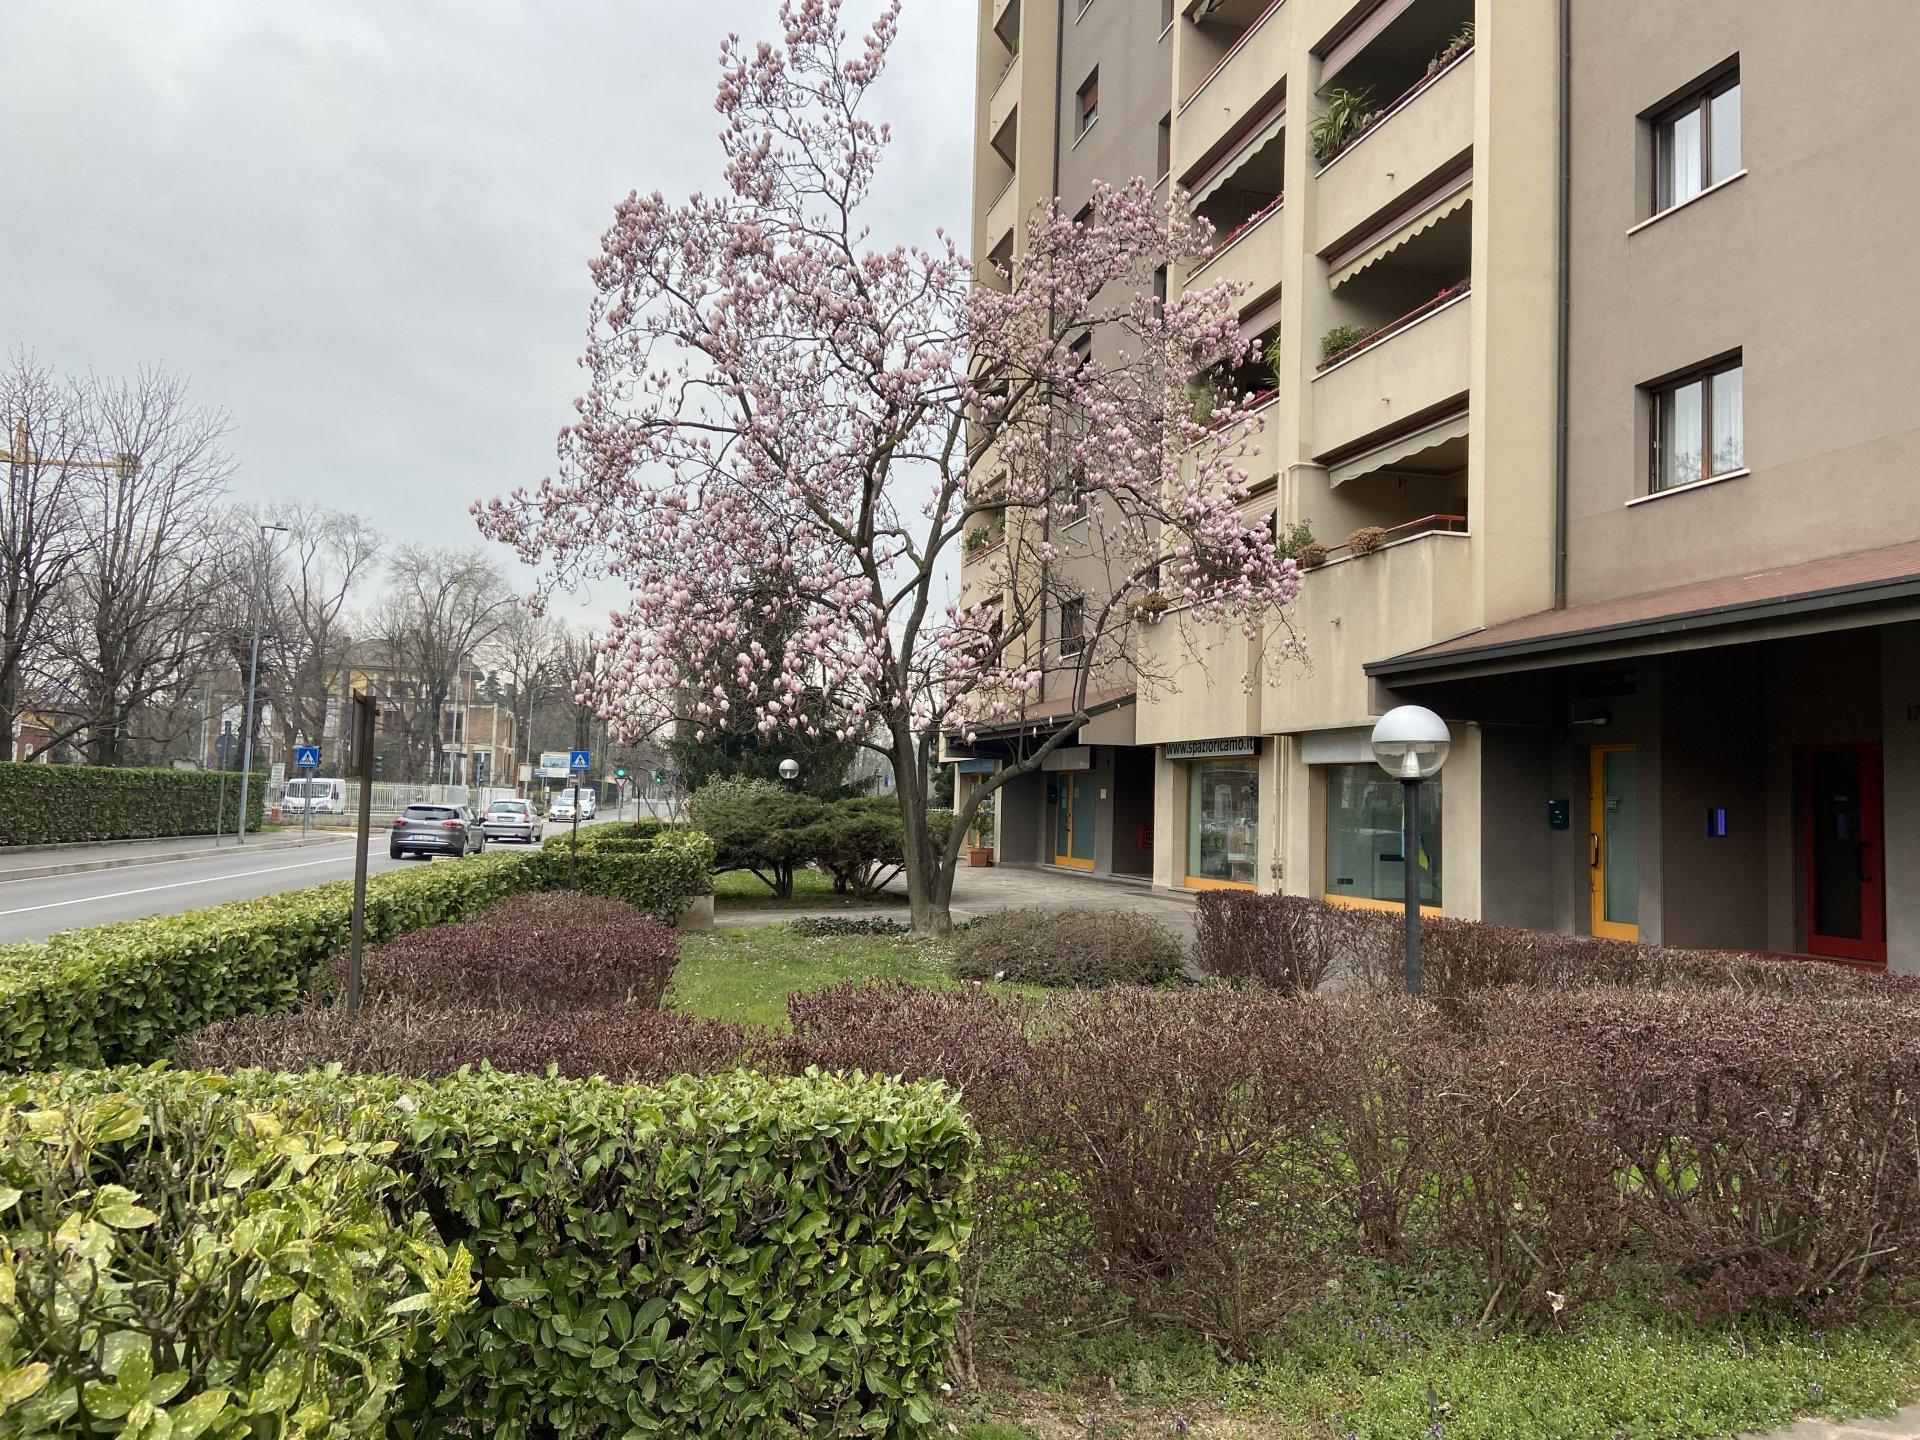 Monza - Via Ticino 17 - NEGOZIO/UFFICIO